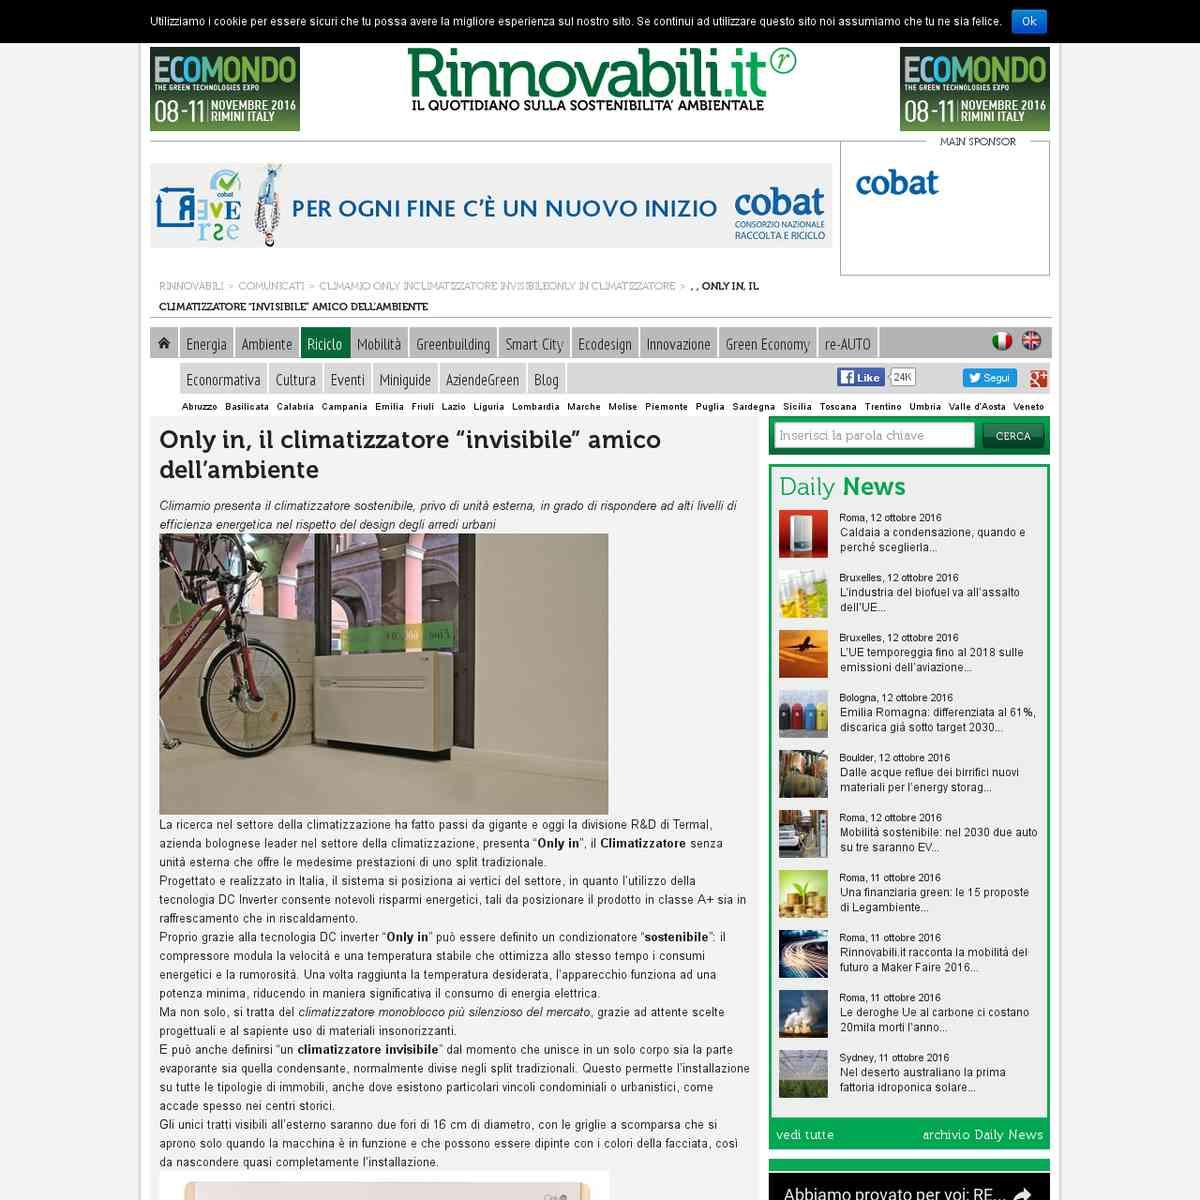 Only In Climatizzatore: Il focus di Rinnovabili.it